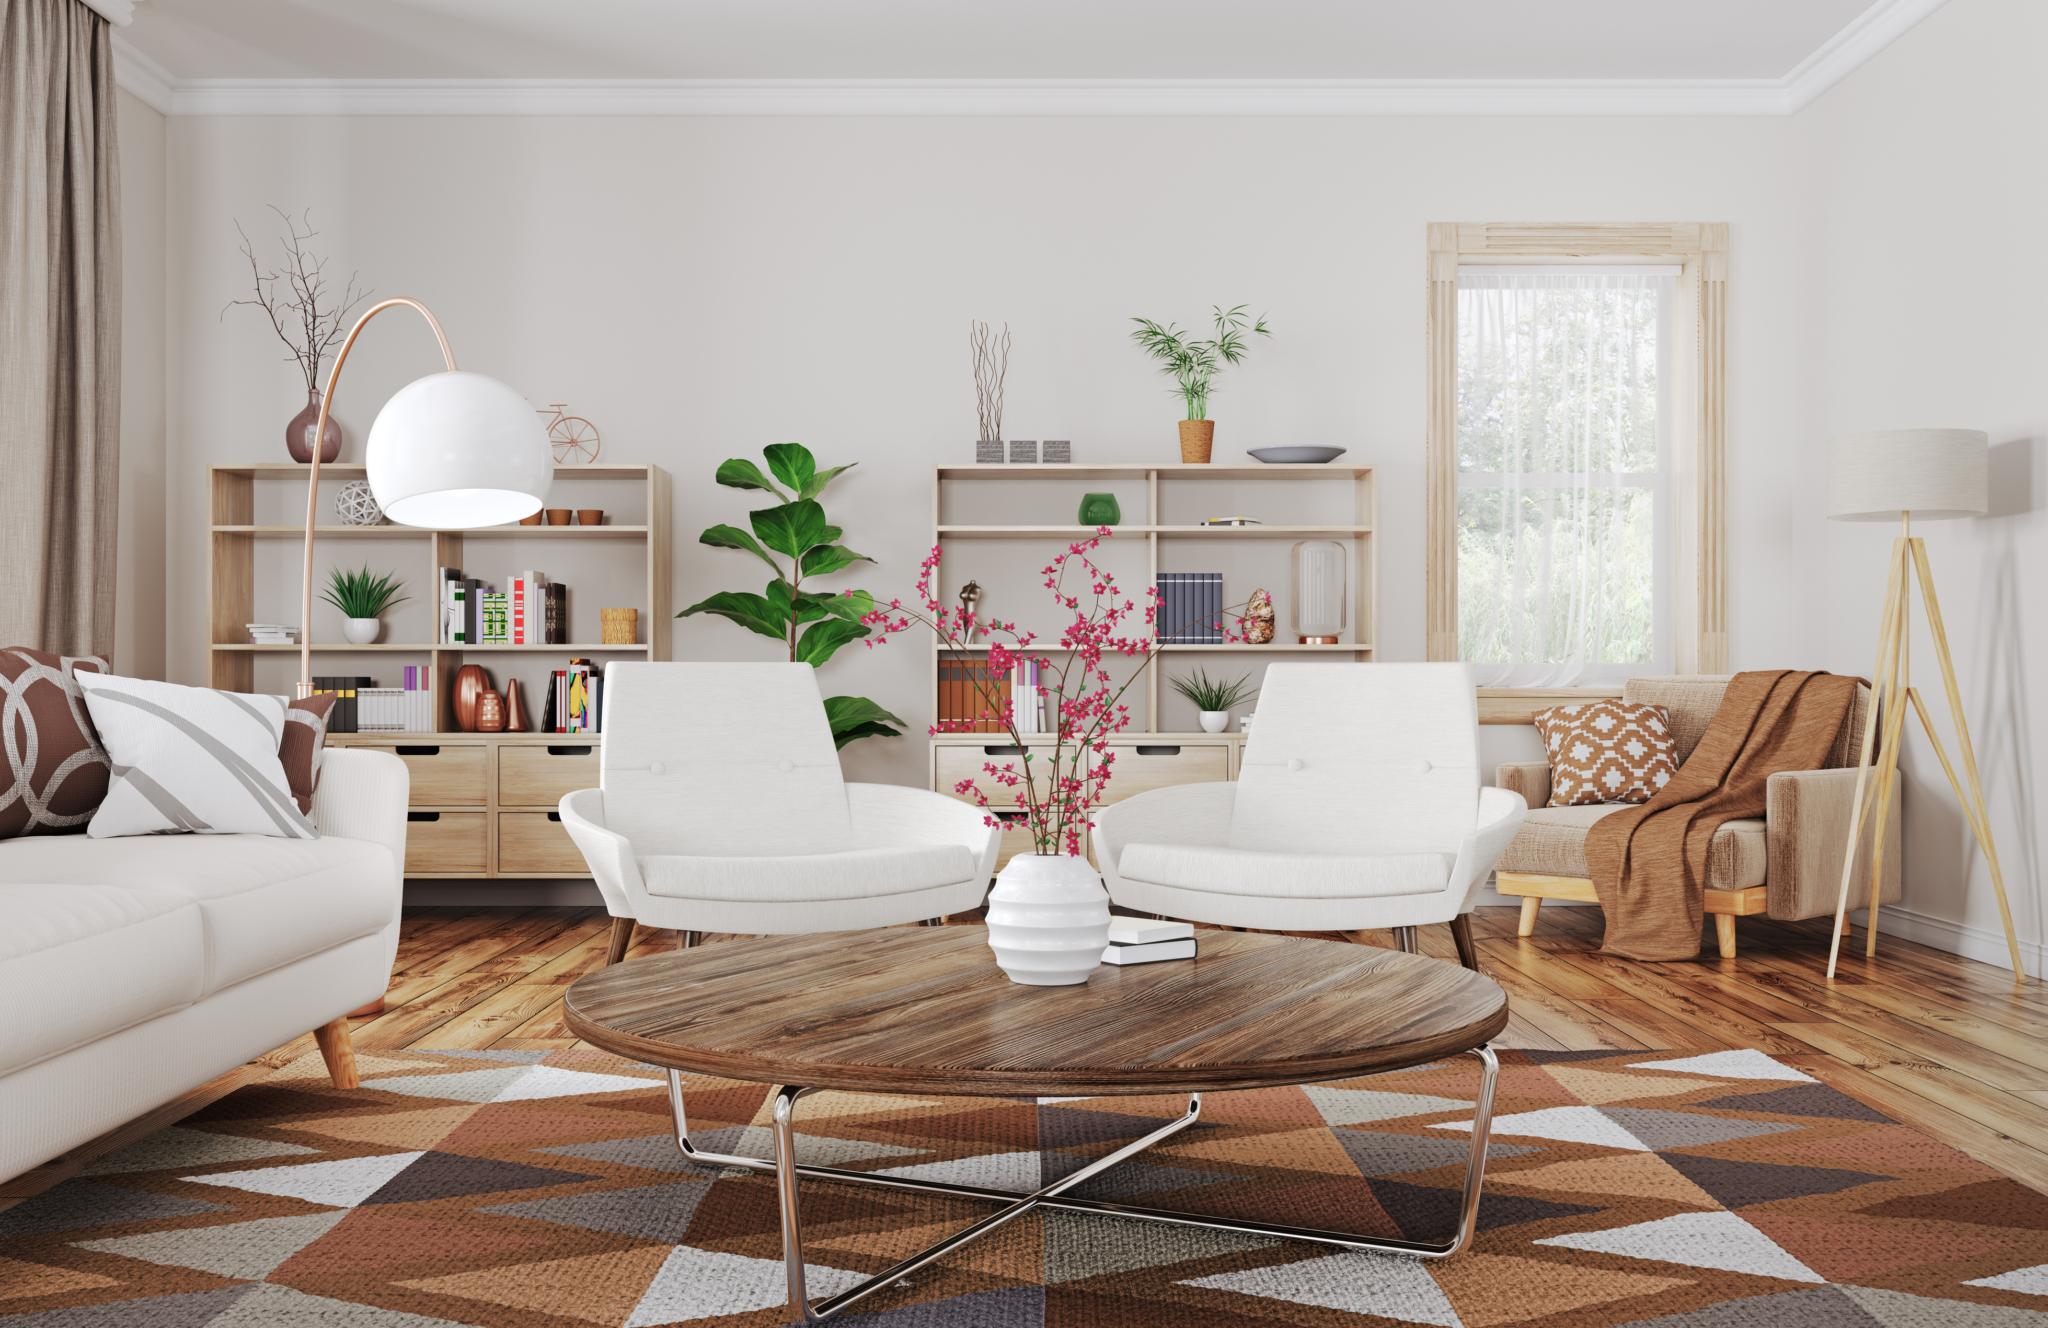 salontafel - design meubelstukken